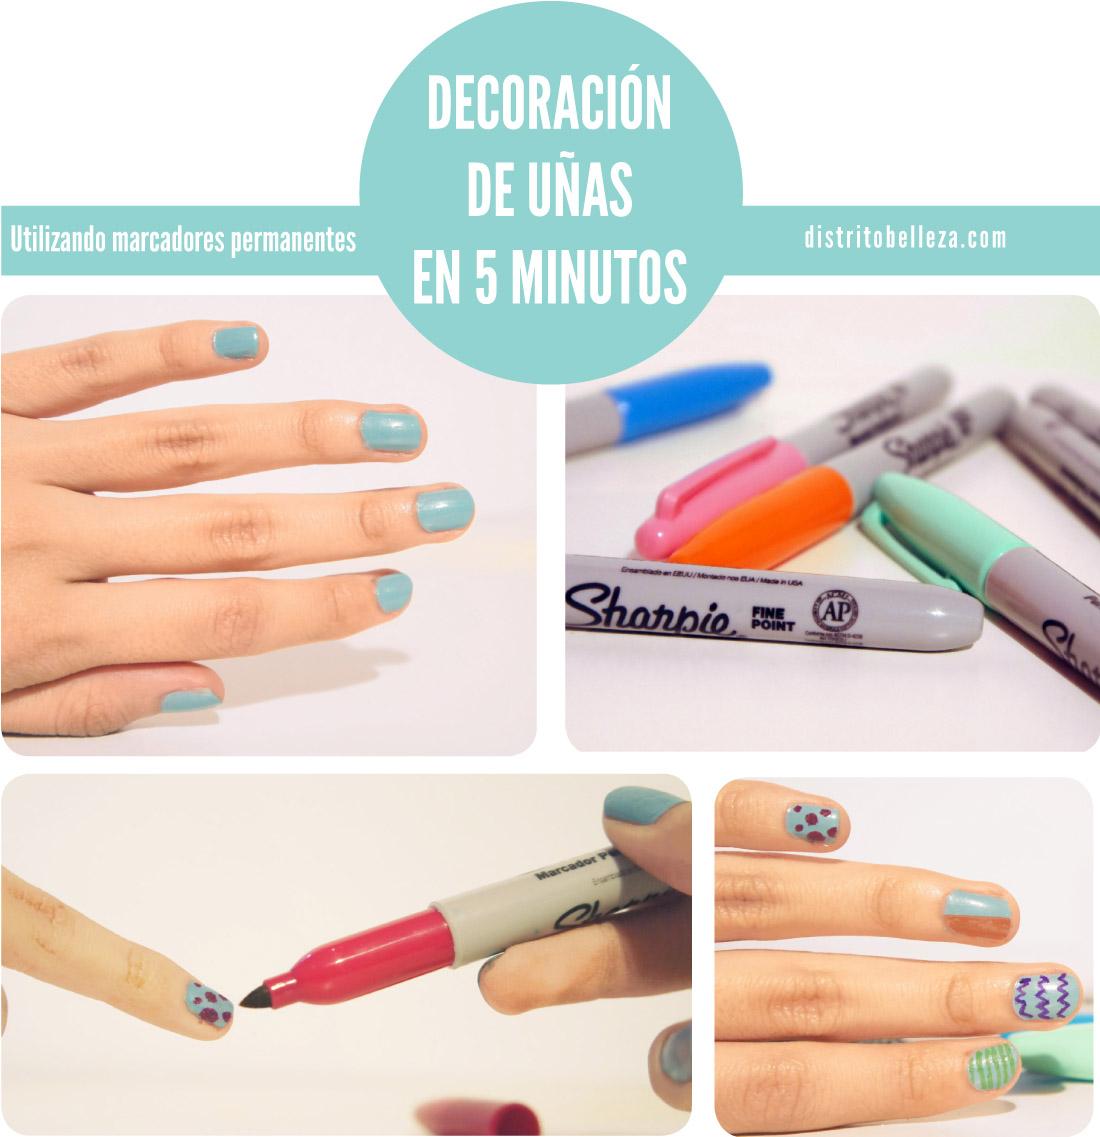 Manicure - Esmalte con sharpie - Distrito Belleza